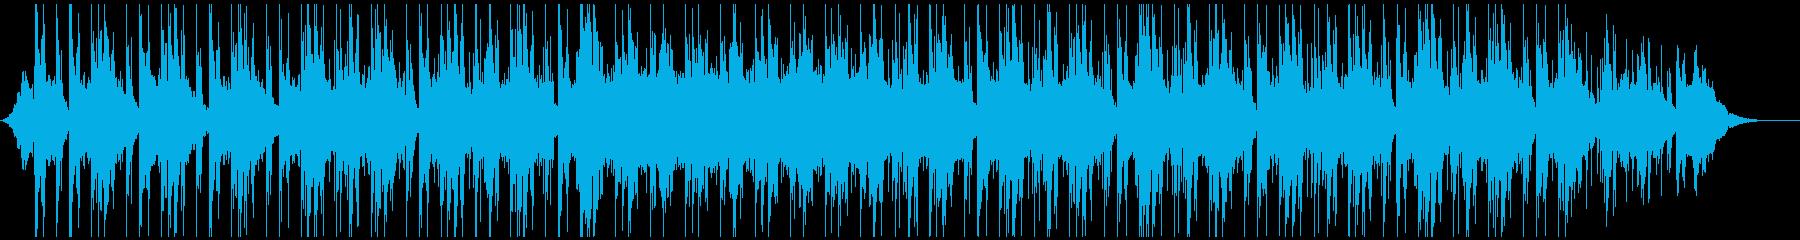 落ち着いた雰囲気のオシャレな洋楽風BGMの再生済みの波形